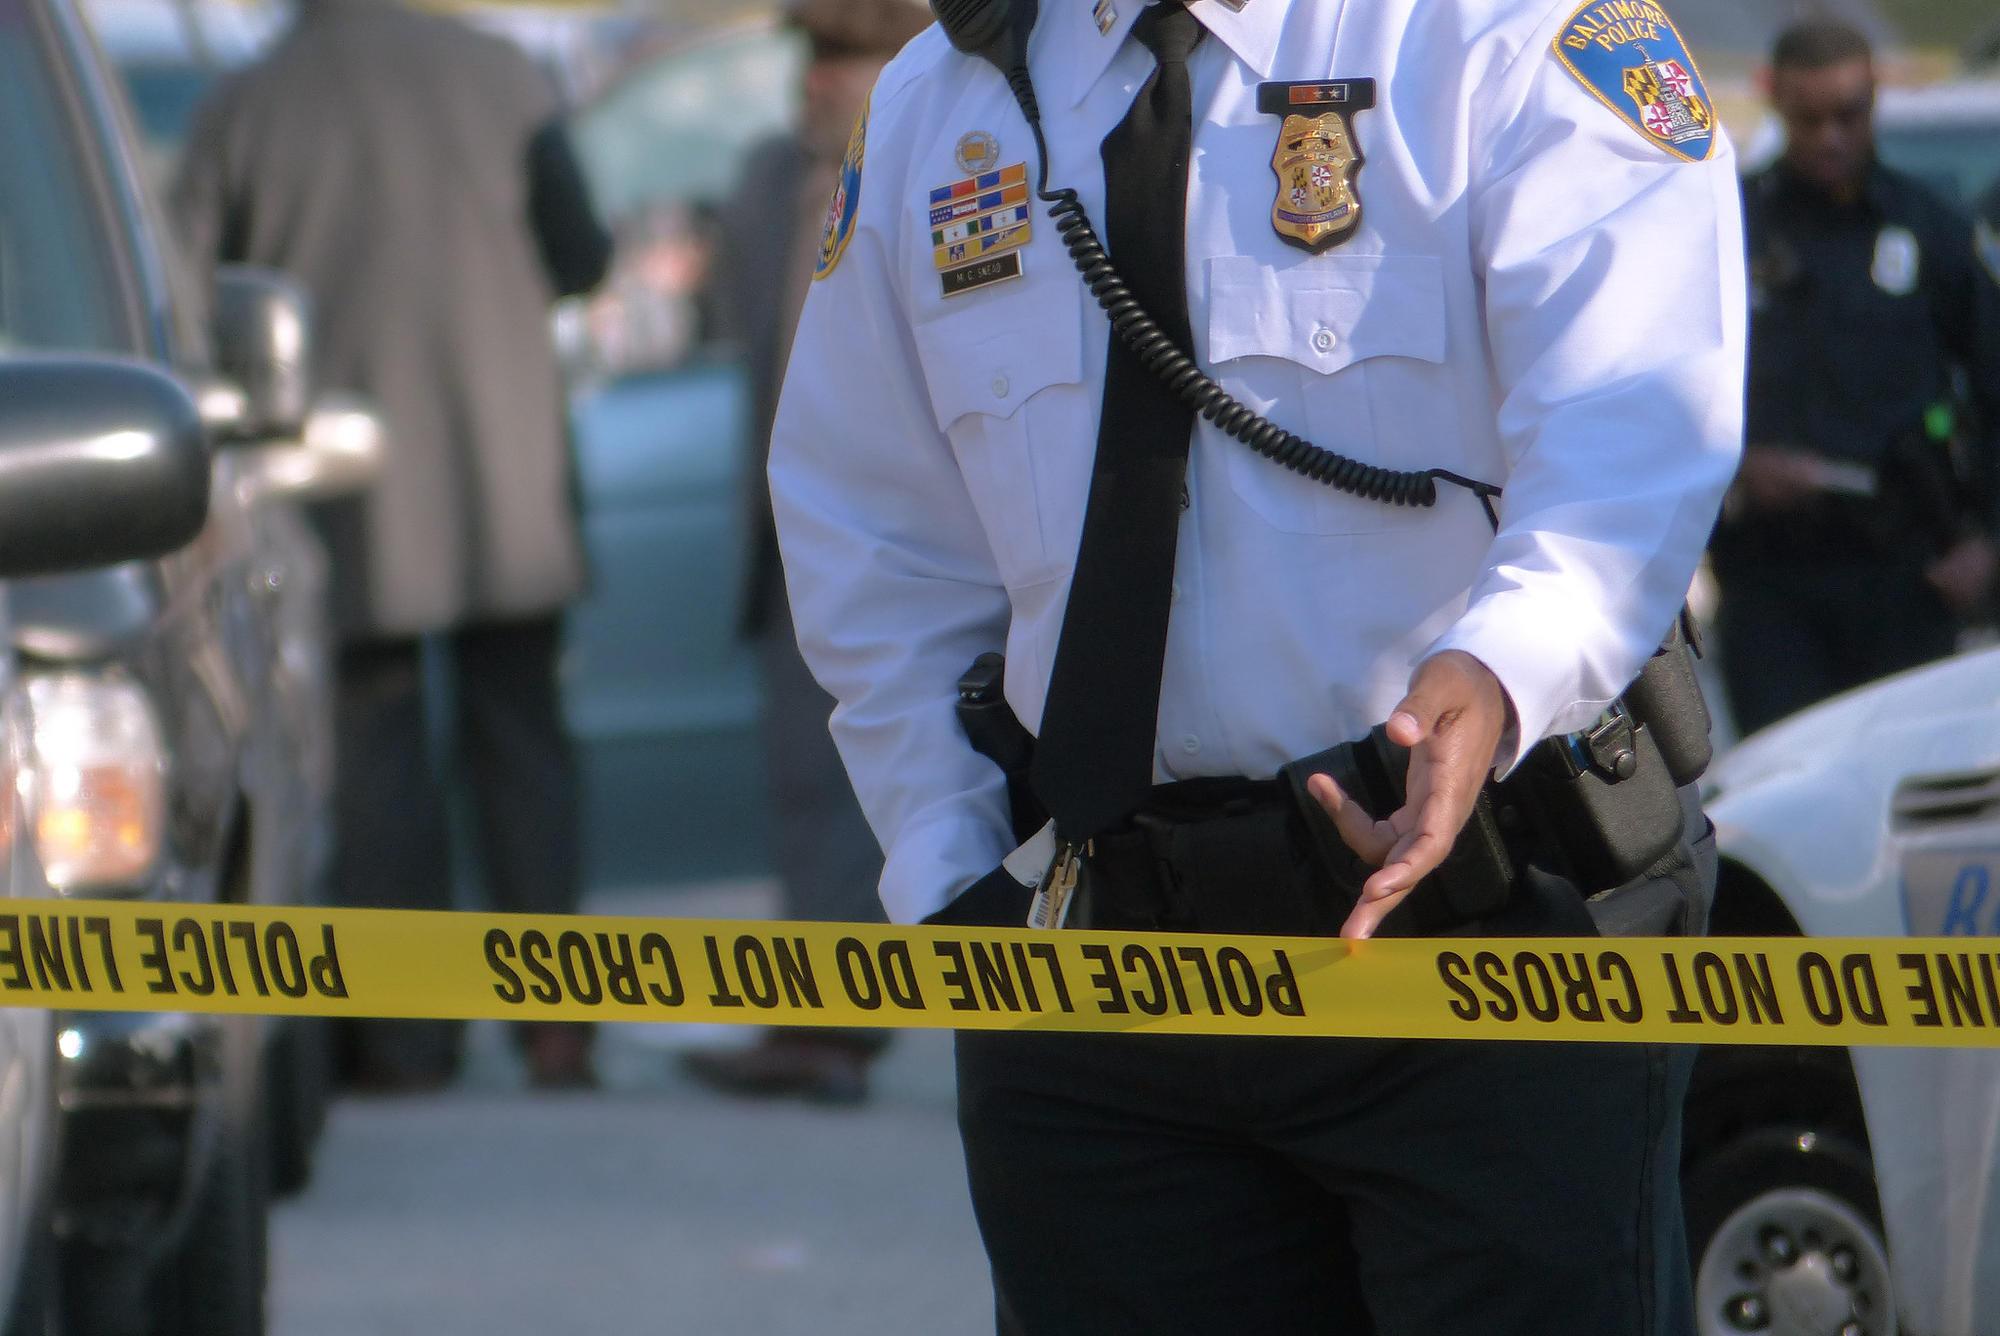 5 injured, 1 killed in Baltimore shootings Sunday